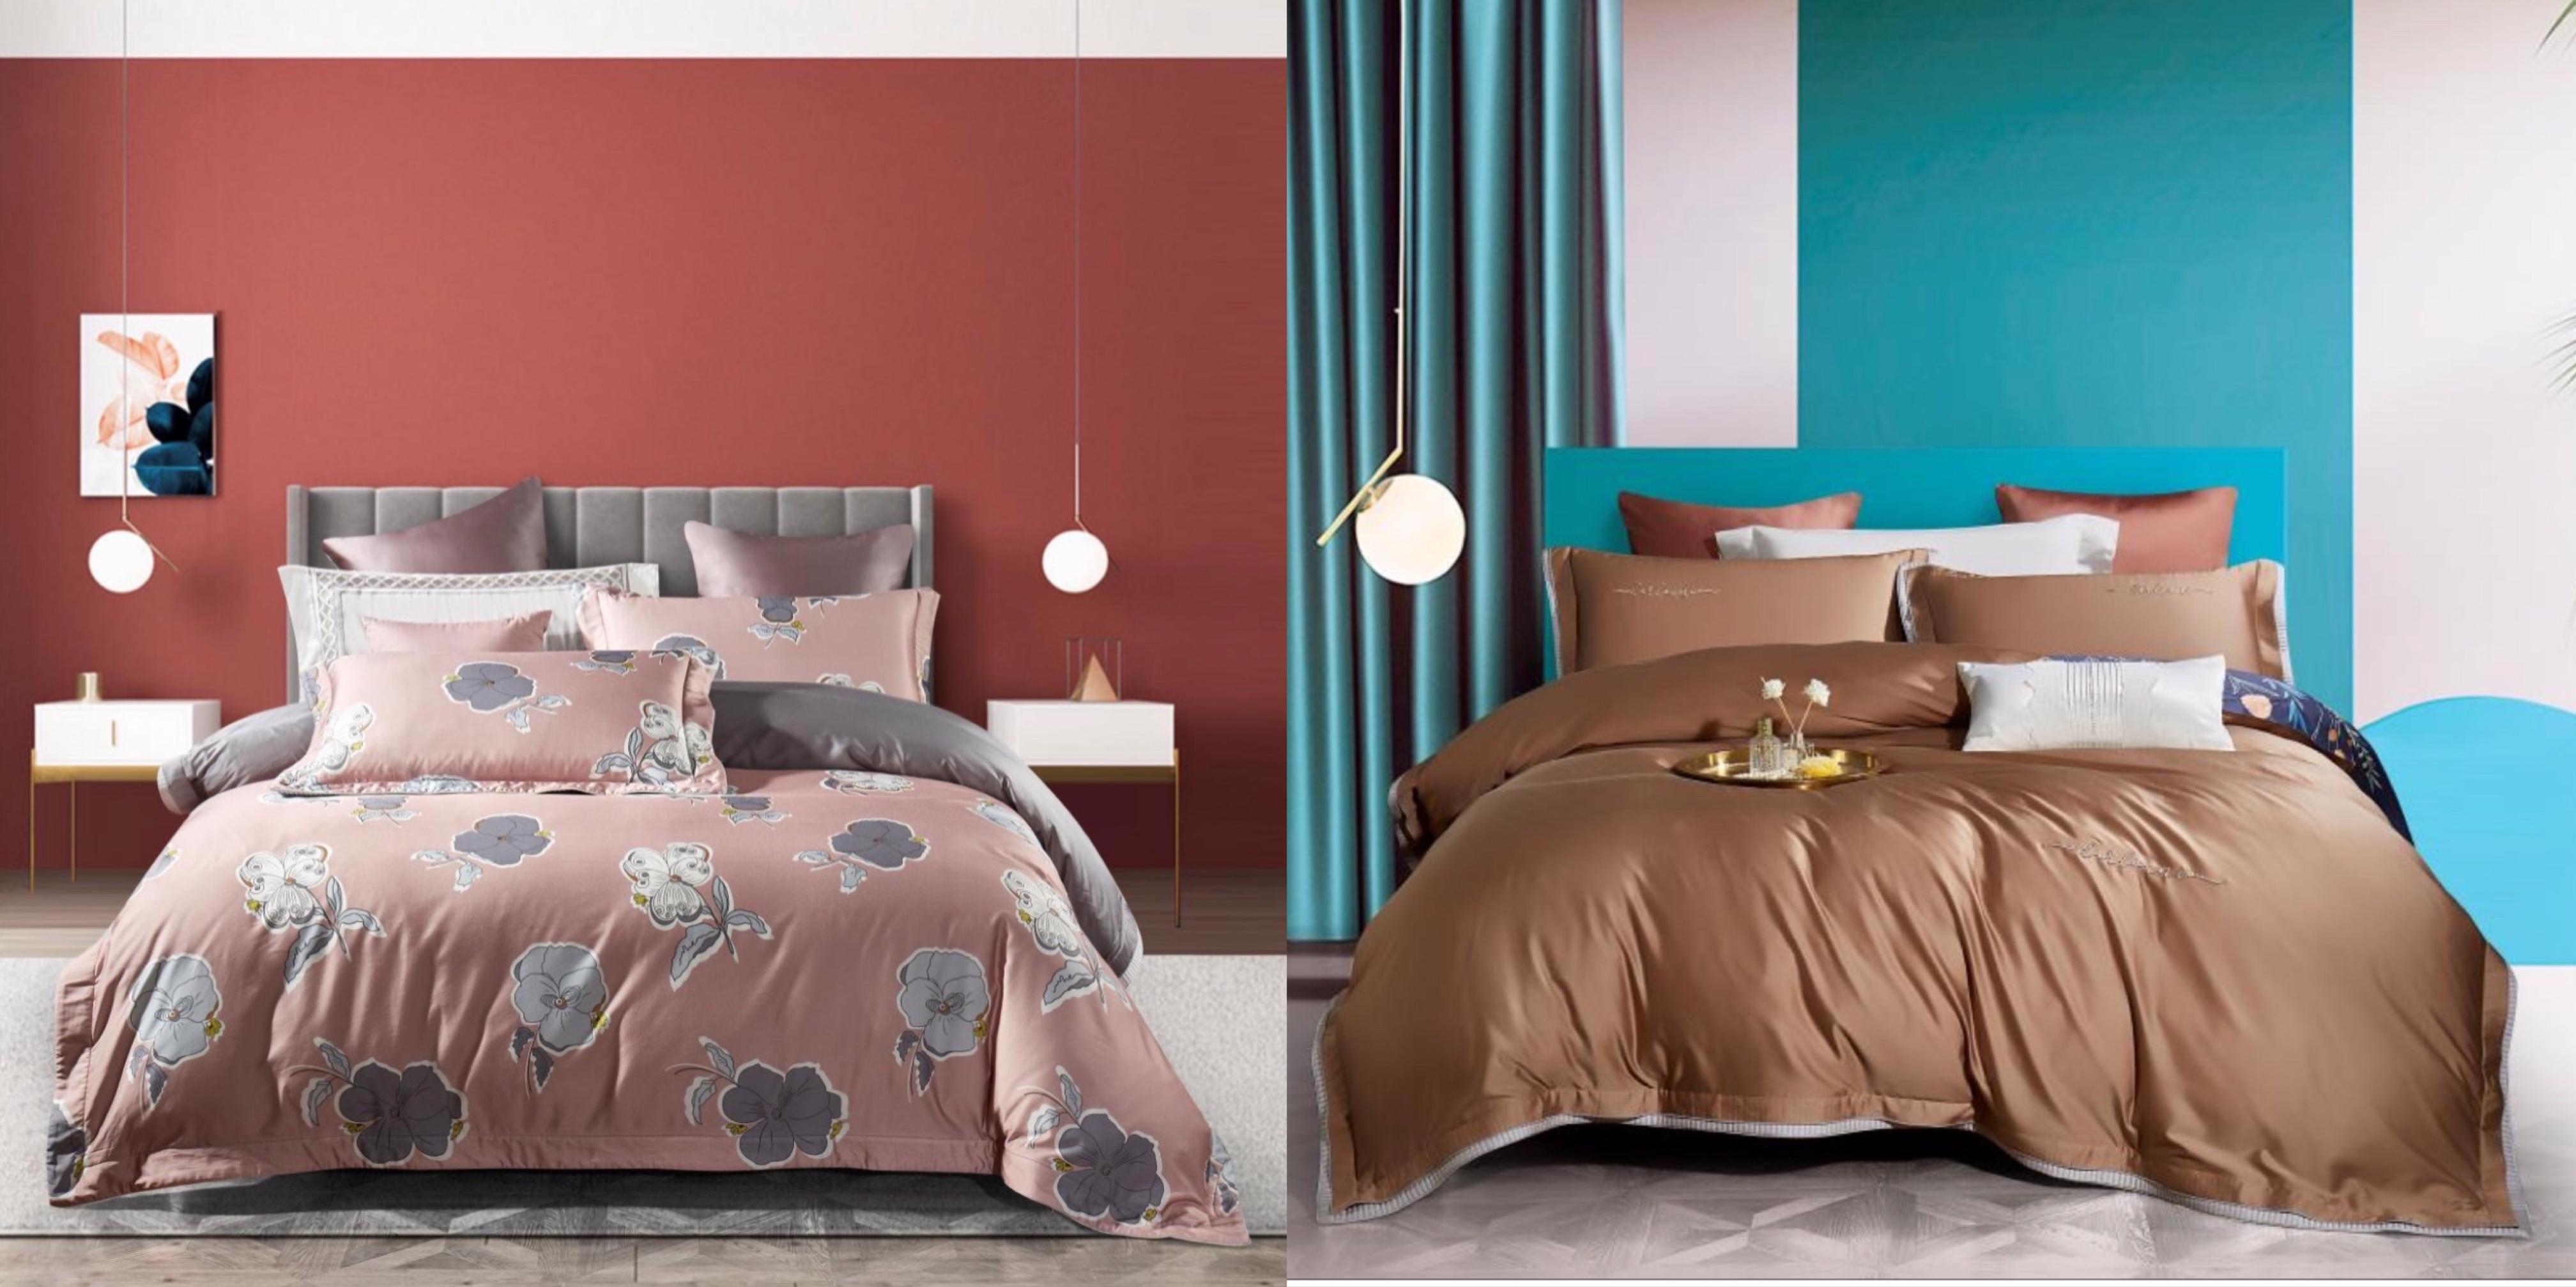 天絲床蓋雙麵款四件套-雲朵&藕粉